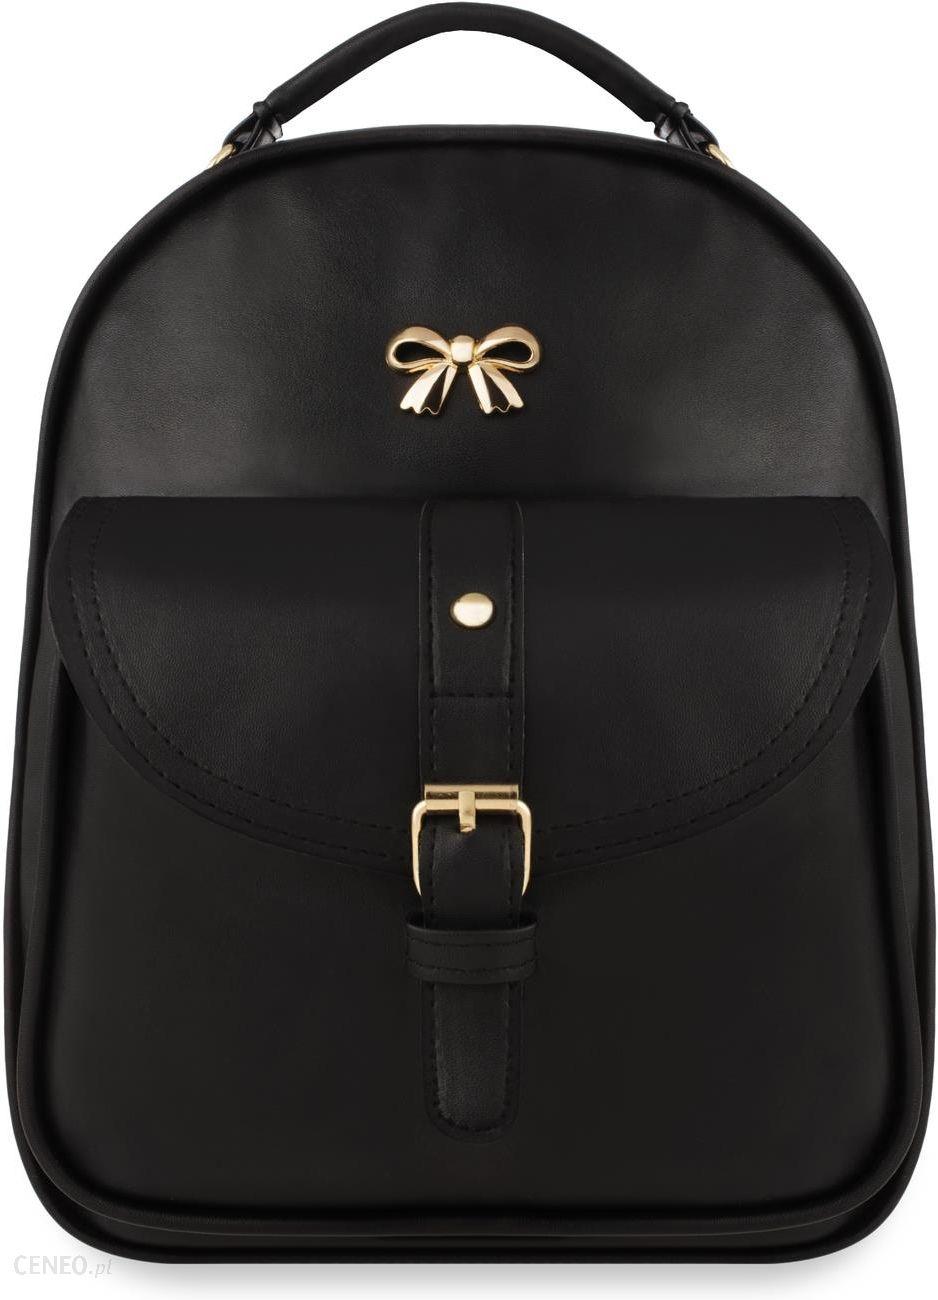 9ee7d82e8ba00 Elegancki plecak damski mały plecaczek z kieszonką – czarny - Ceny i ...